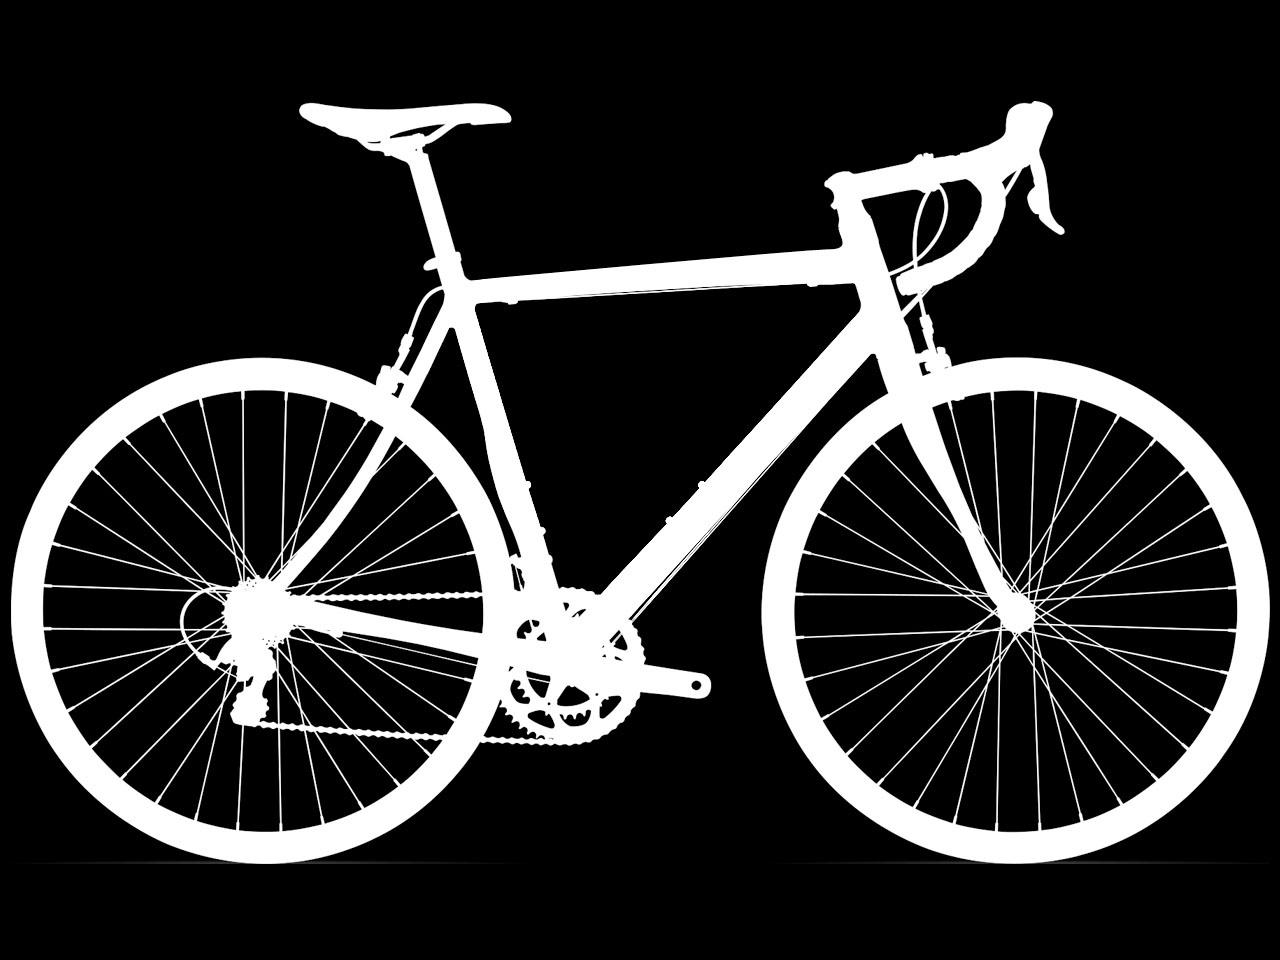 bicycle mask_1558227032270.jpg.jpg